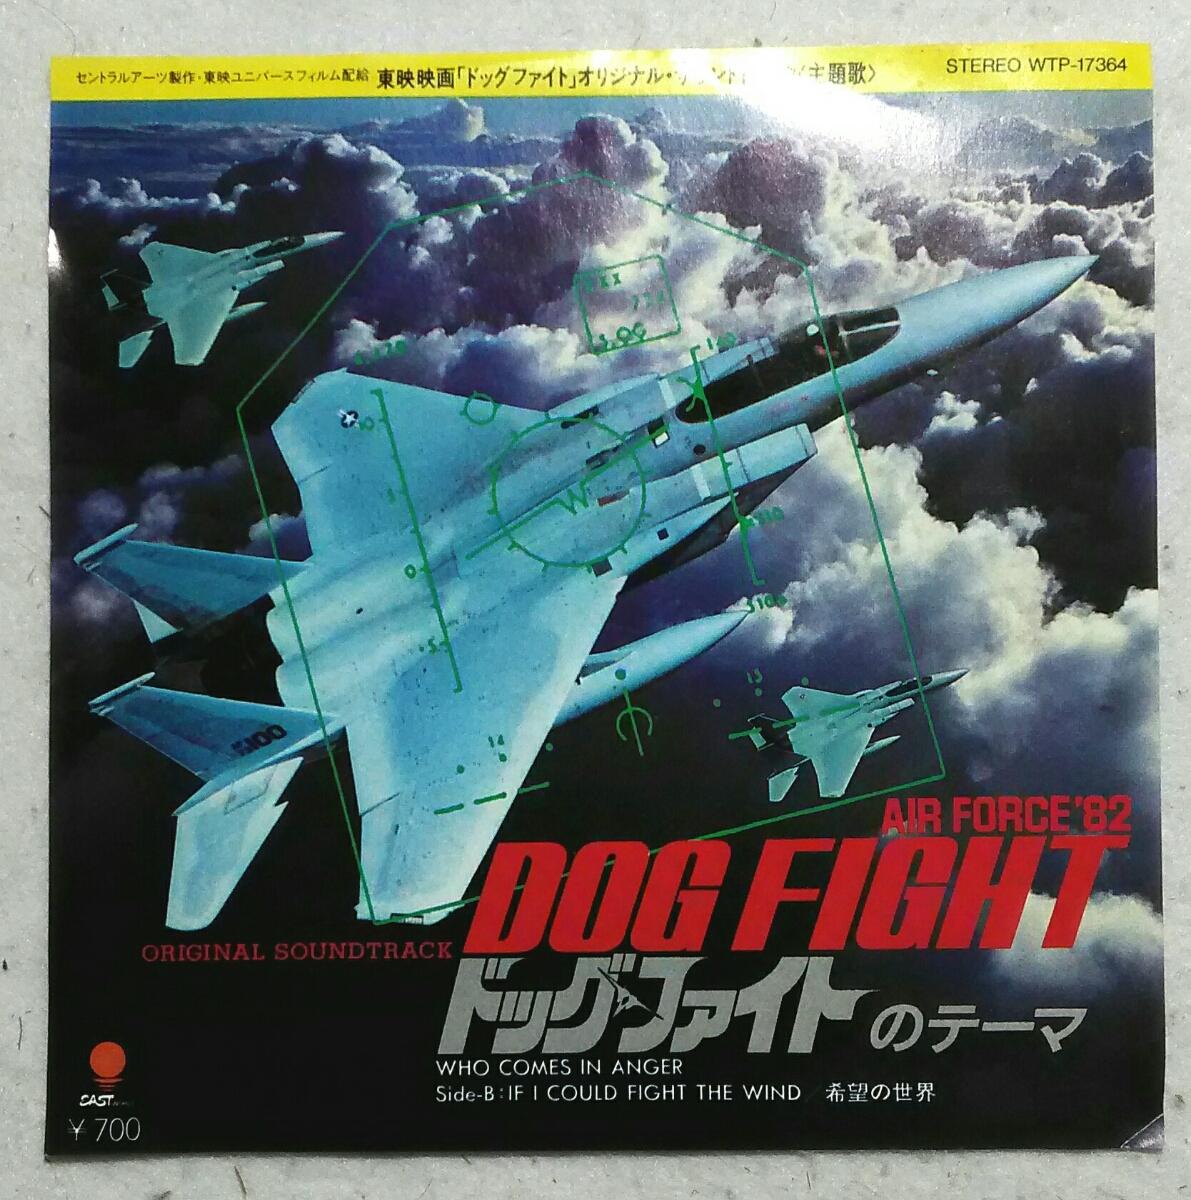 邦盤7'' Air Force '82 Dog Fight OST ドッグファイトのテーマ / 希望の世界 WTP-17364